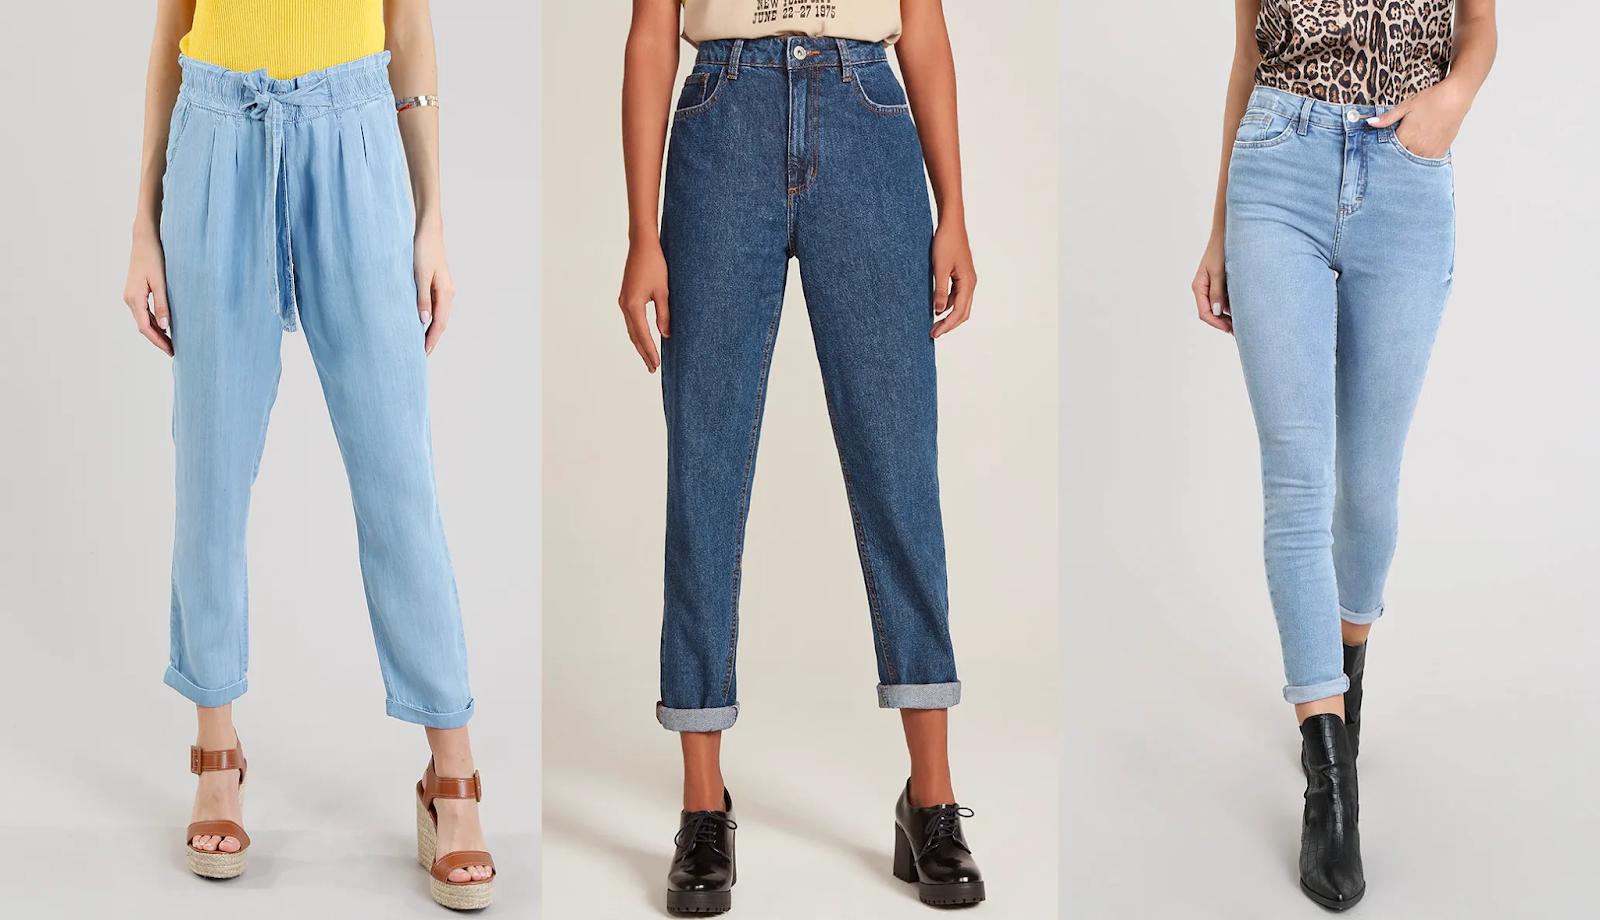 Tudo o que você precisa saber sobre a nova coleção da C&A steal the look caio braz